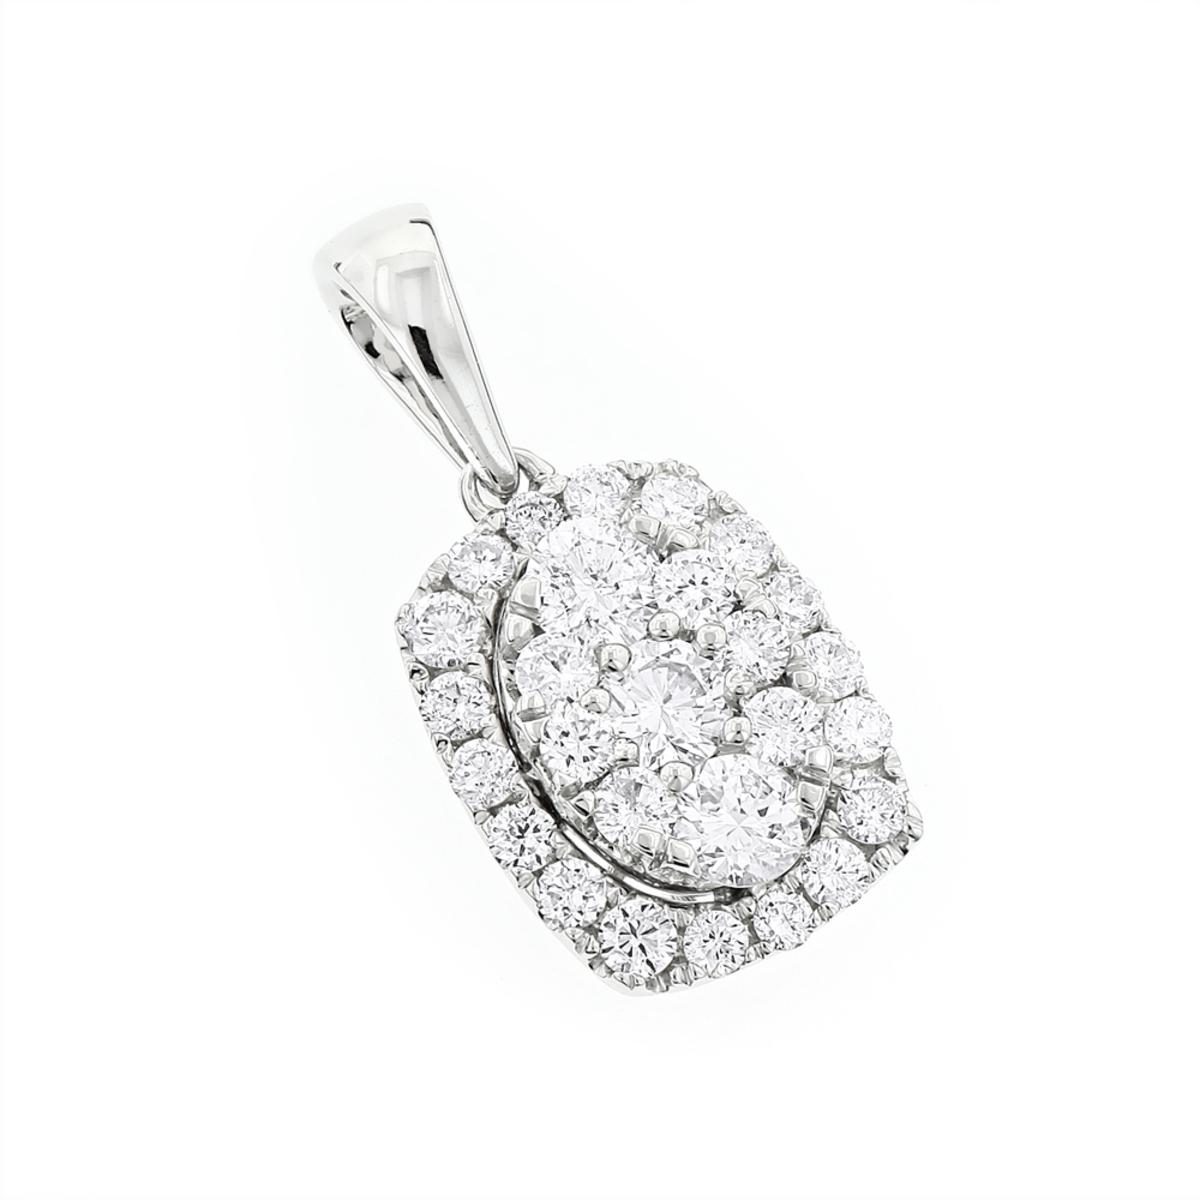 Luxurman Cluster Oval Diamond Pendant for Women 14K Gold 0.89ct G-H VS-SI